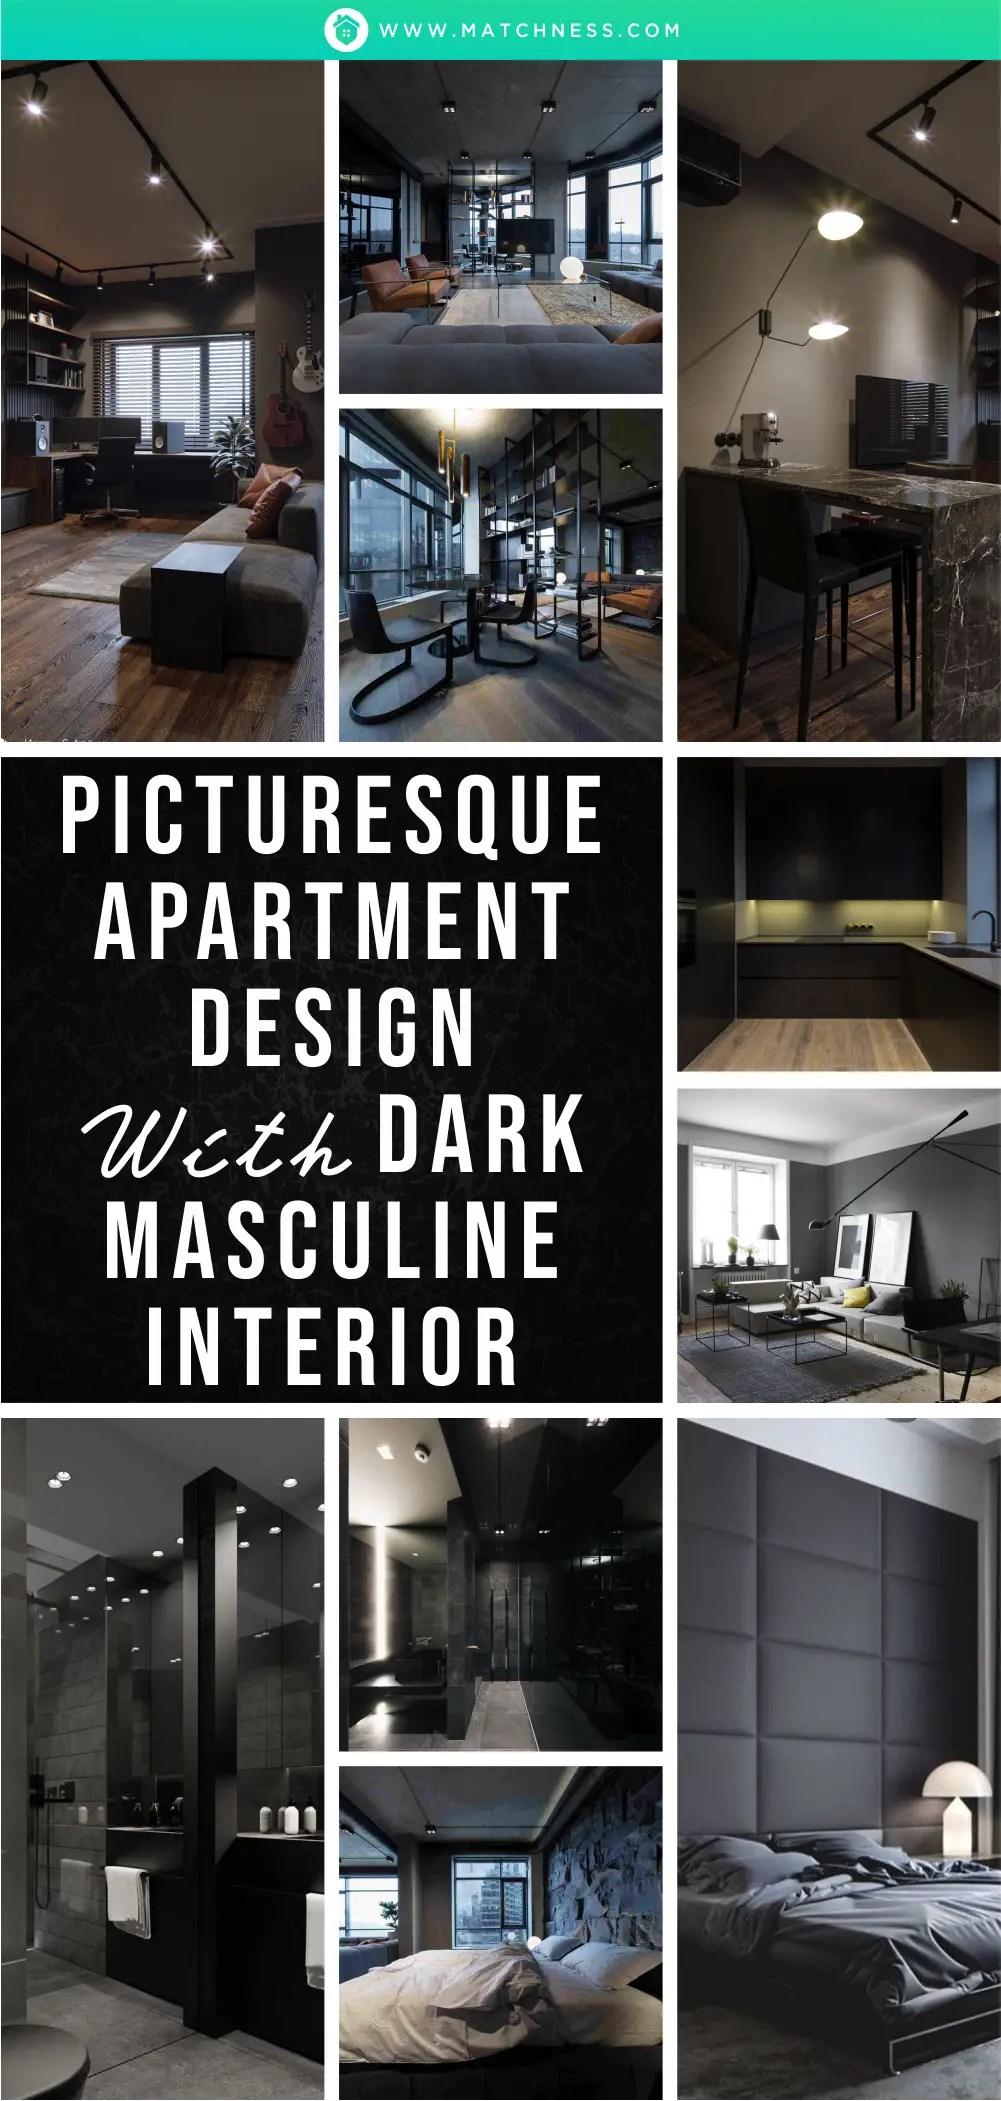 Picturesque-apartment-design-with-dark-masculine-interior-1